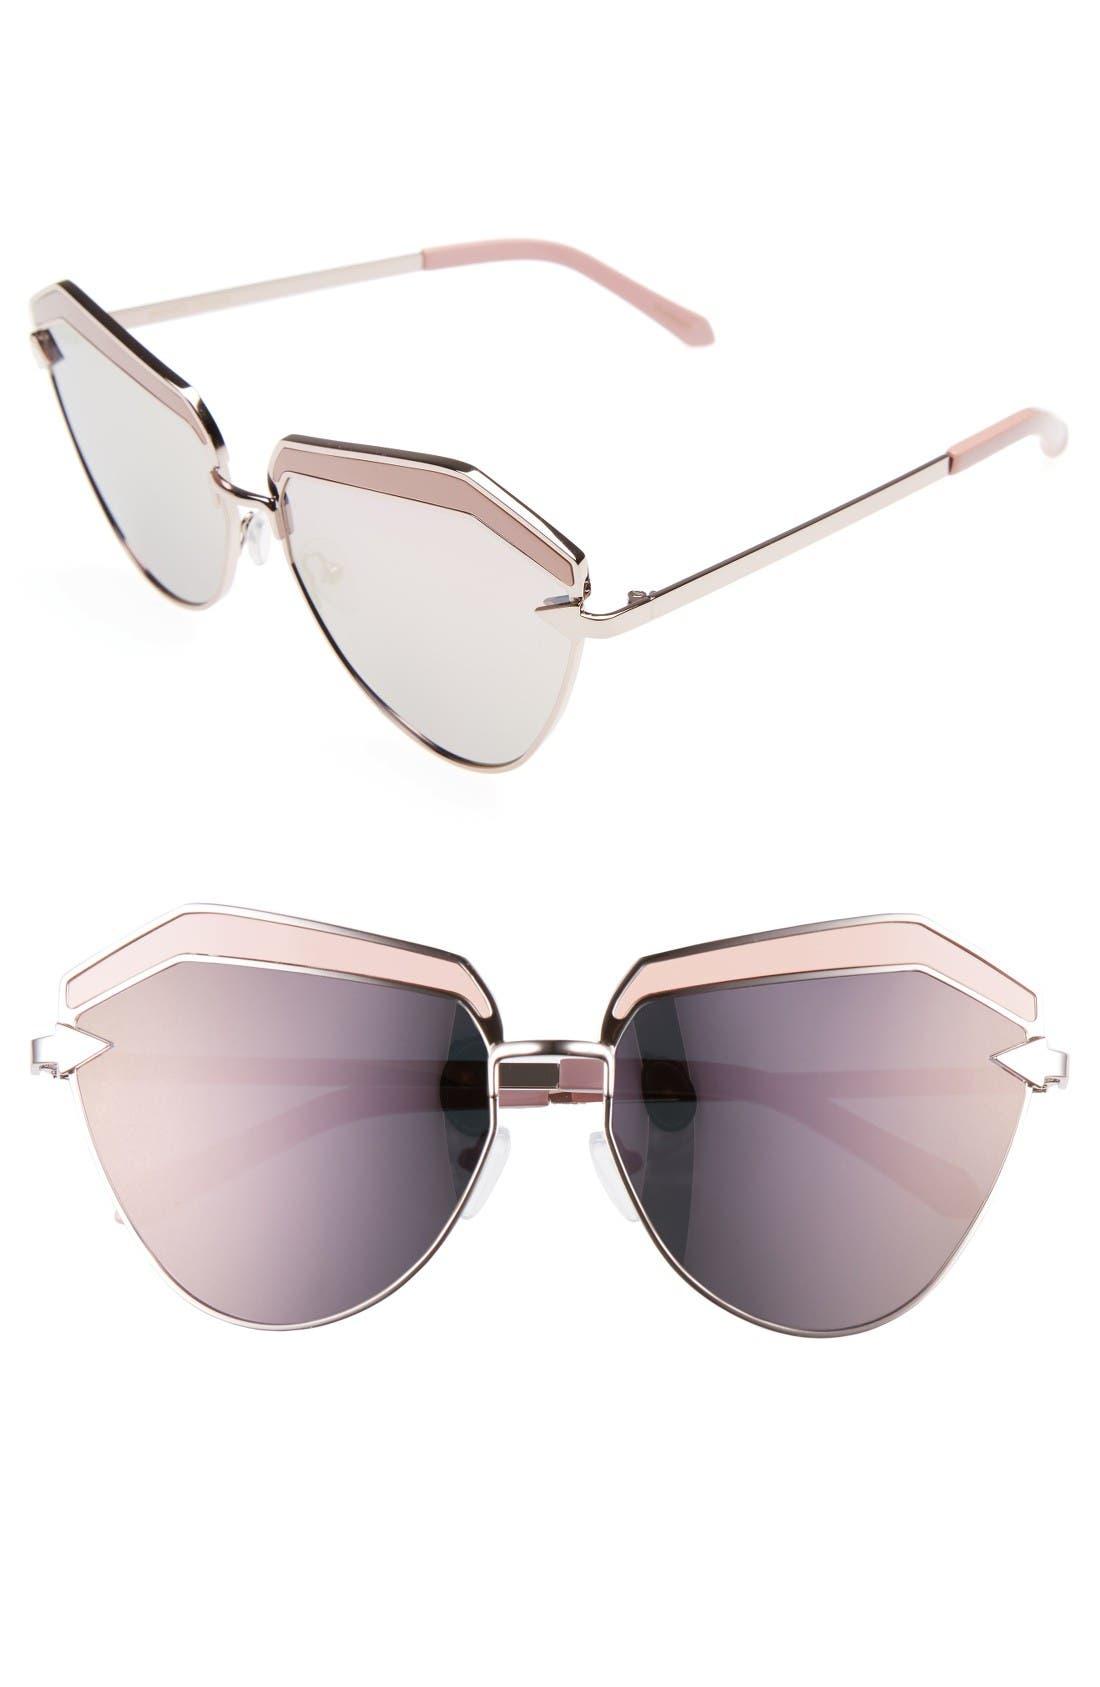 KAREN WALKER Jacinto 61mm Sunglasses